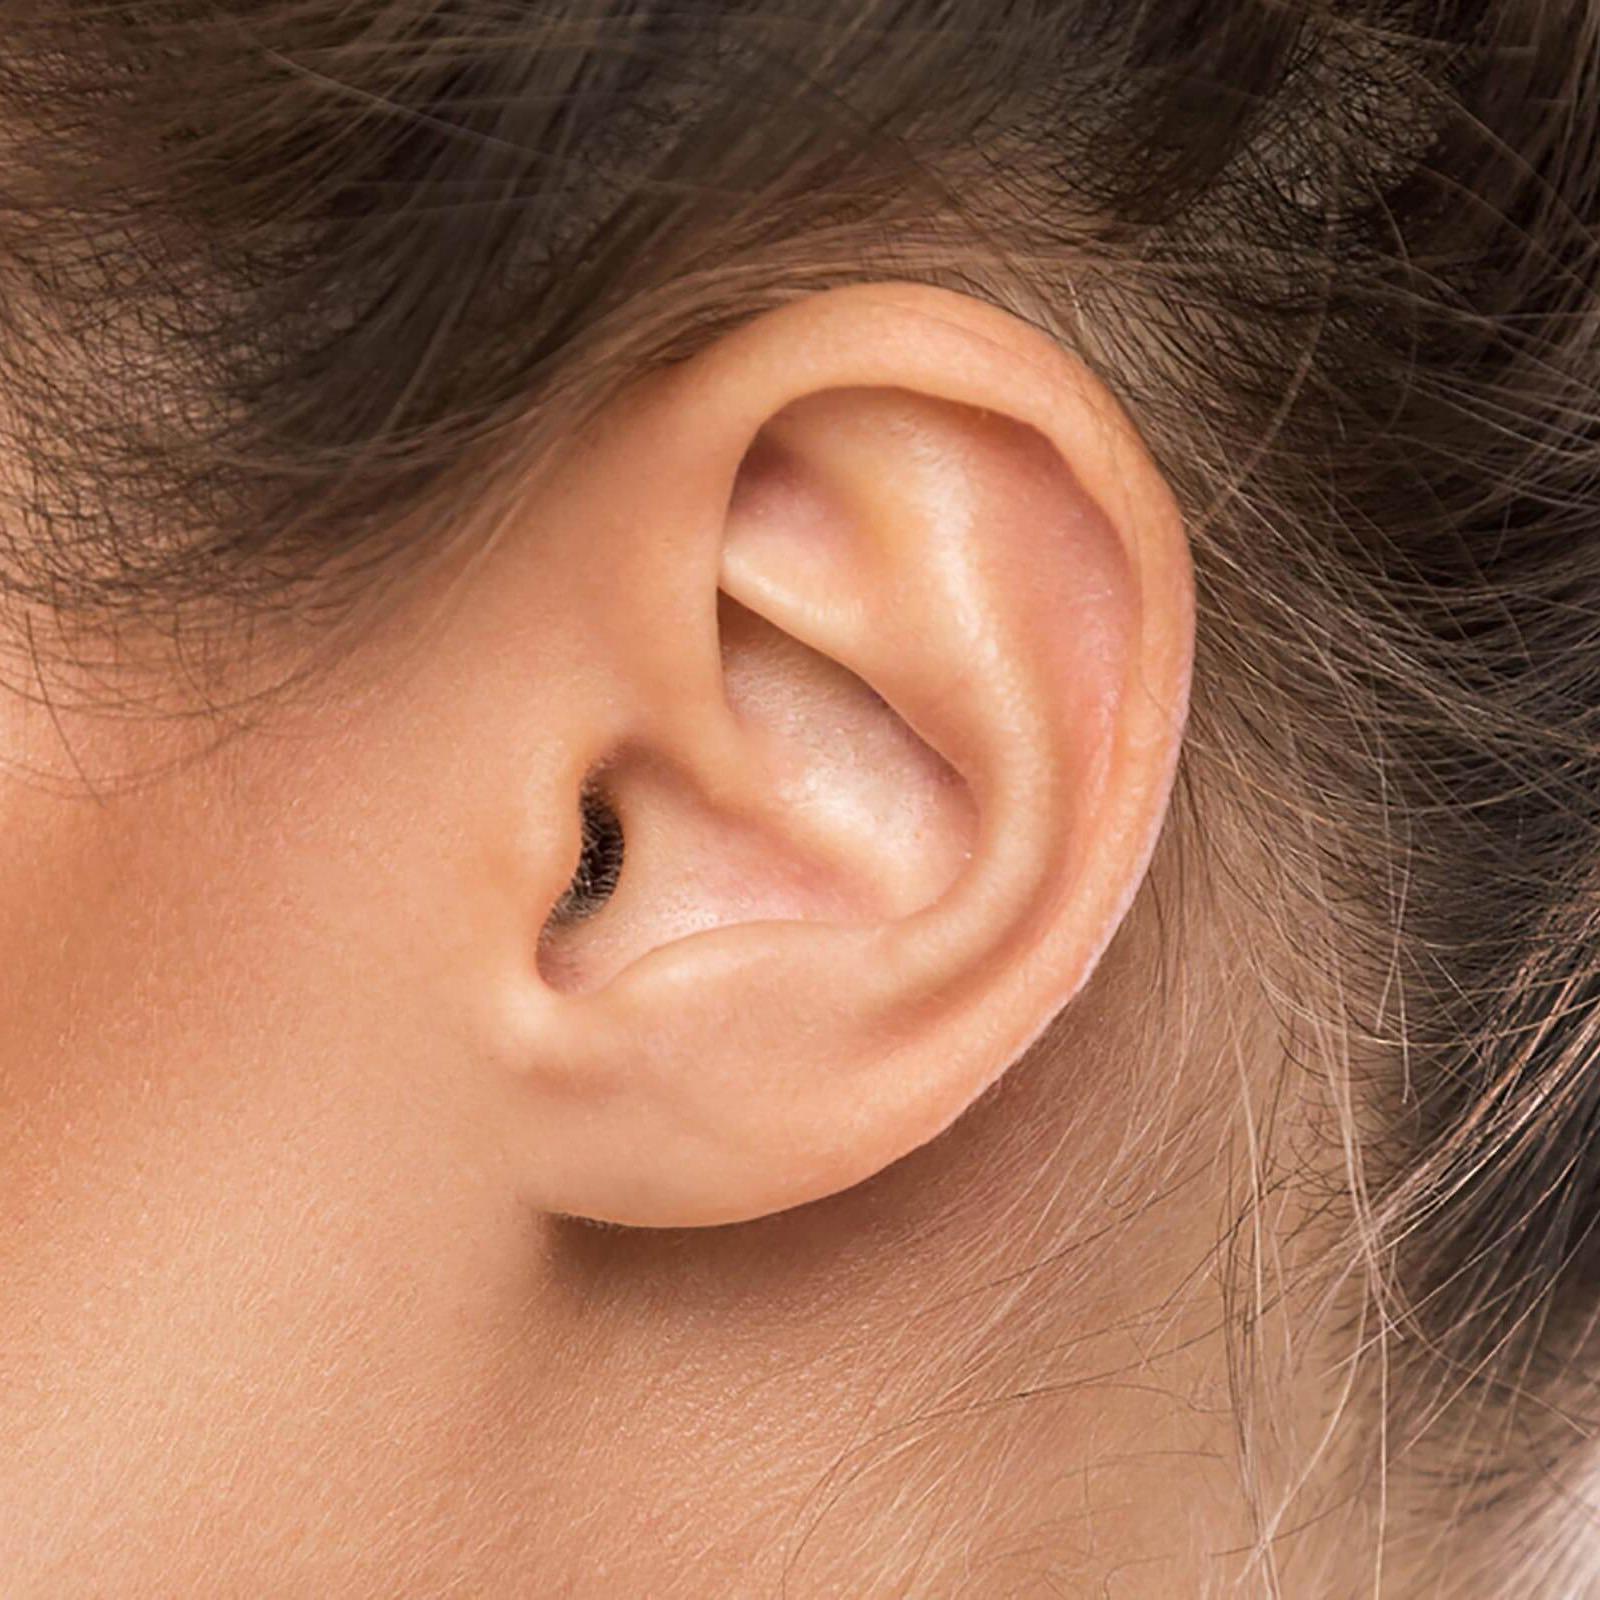 Operacija klempavih ušiju (korekcija ušiju)